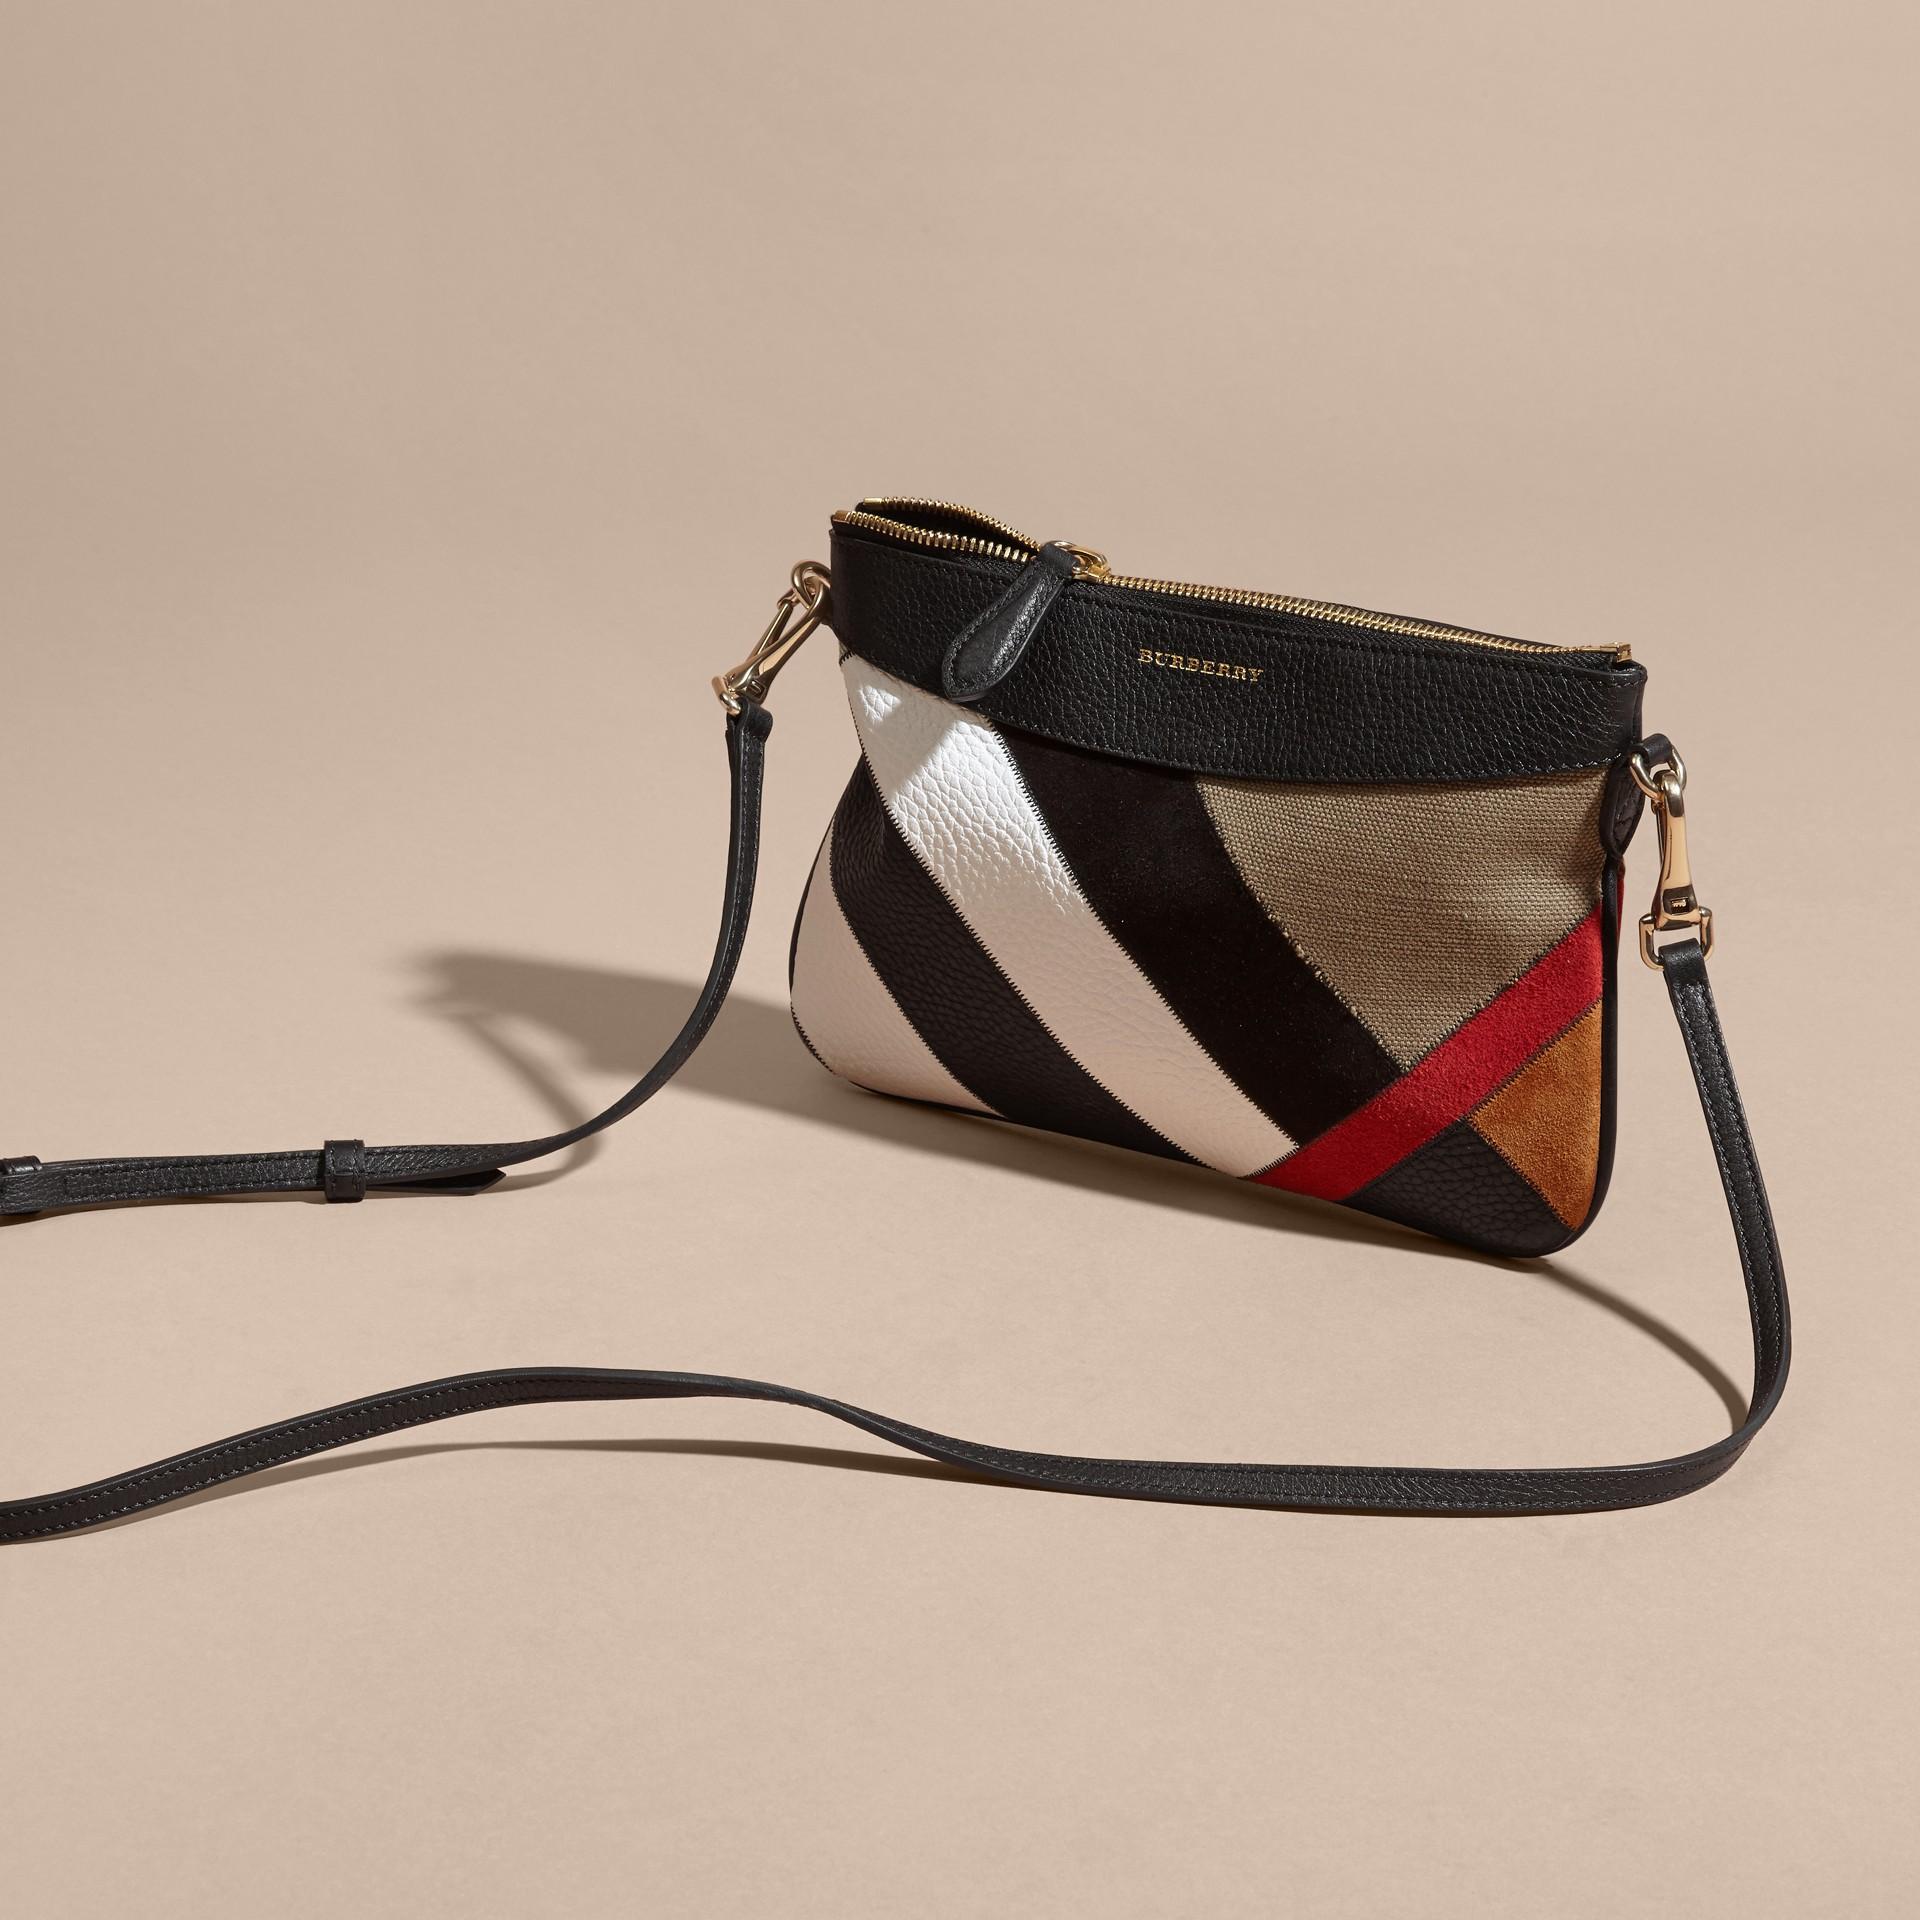 Noir Clutch façon patchwork en cuir, cuir velours et jute de coton à motif check - photo de la galerie 8